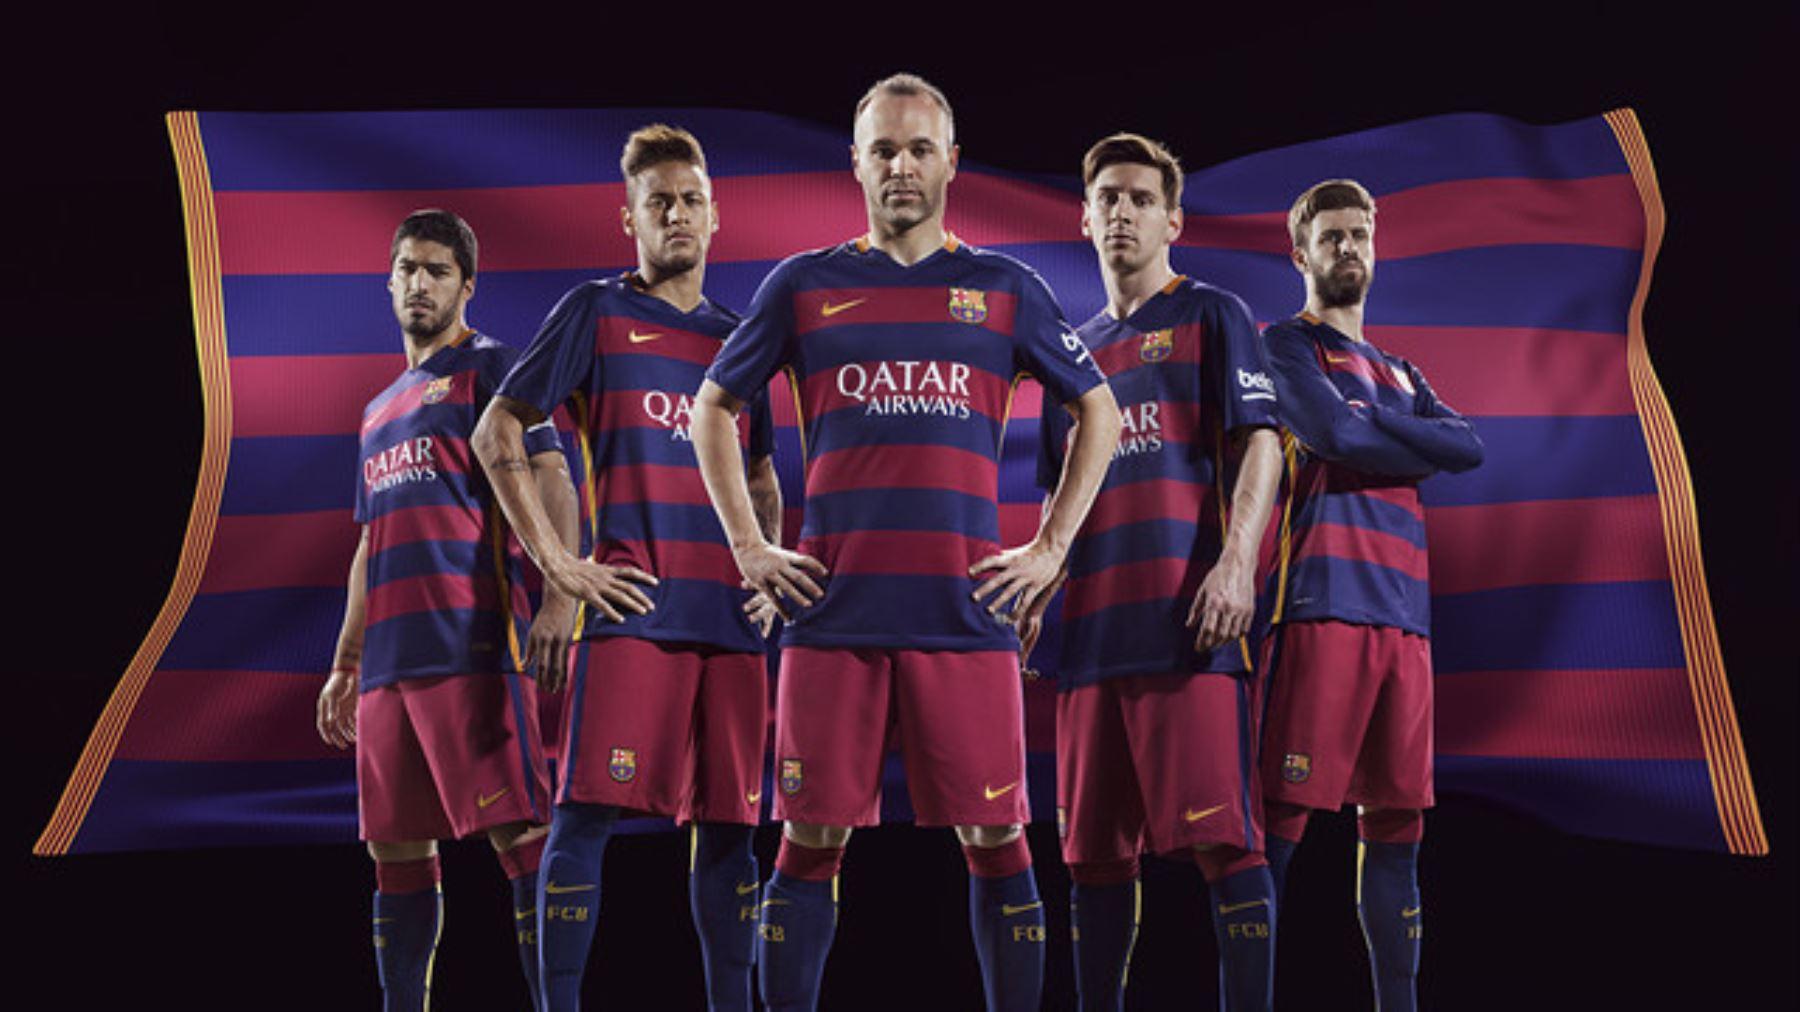 FC Barcelona modificará su vestimenta y apuesta por las franjas ... dcf6b1a856972